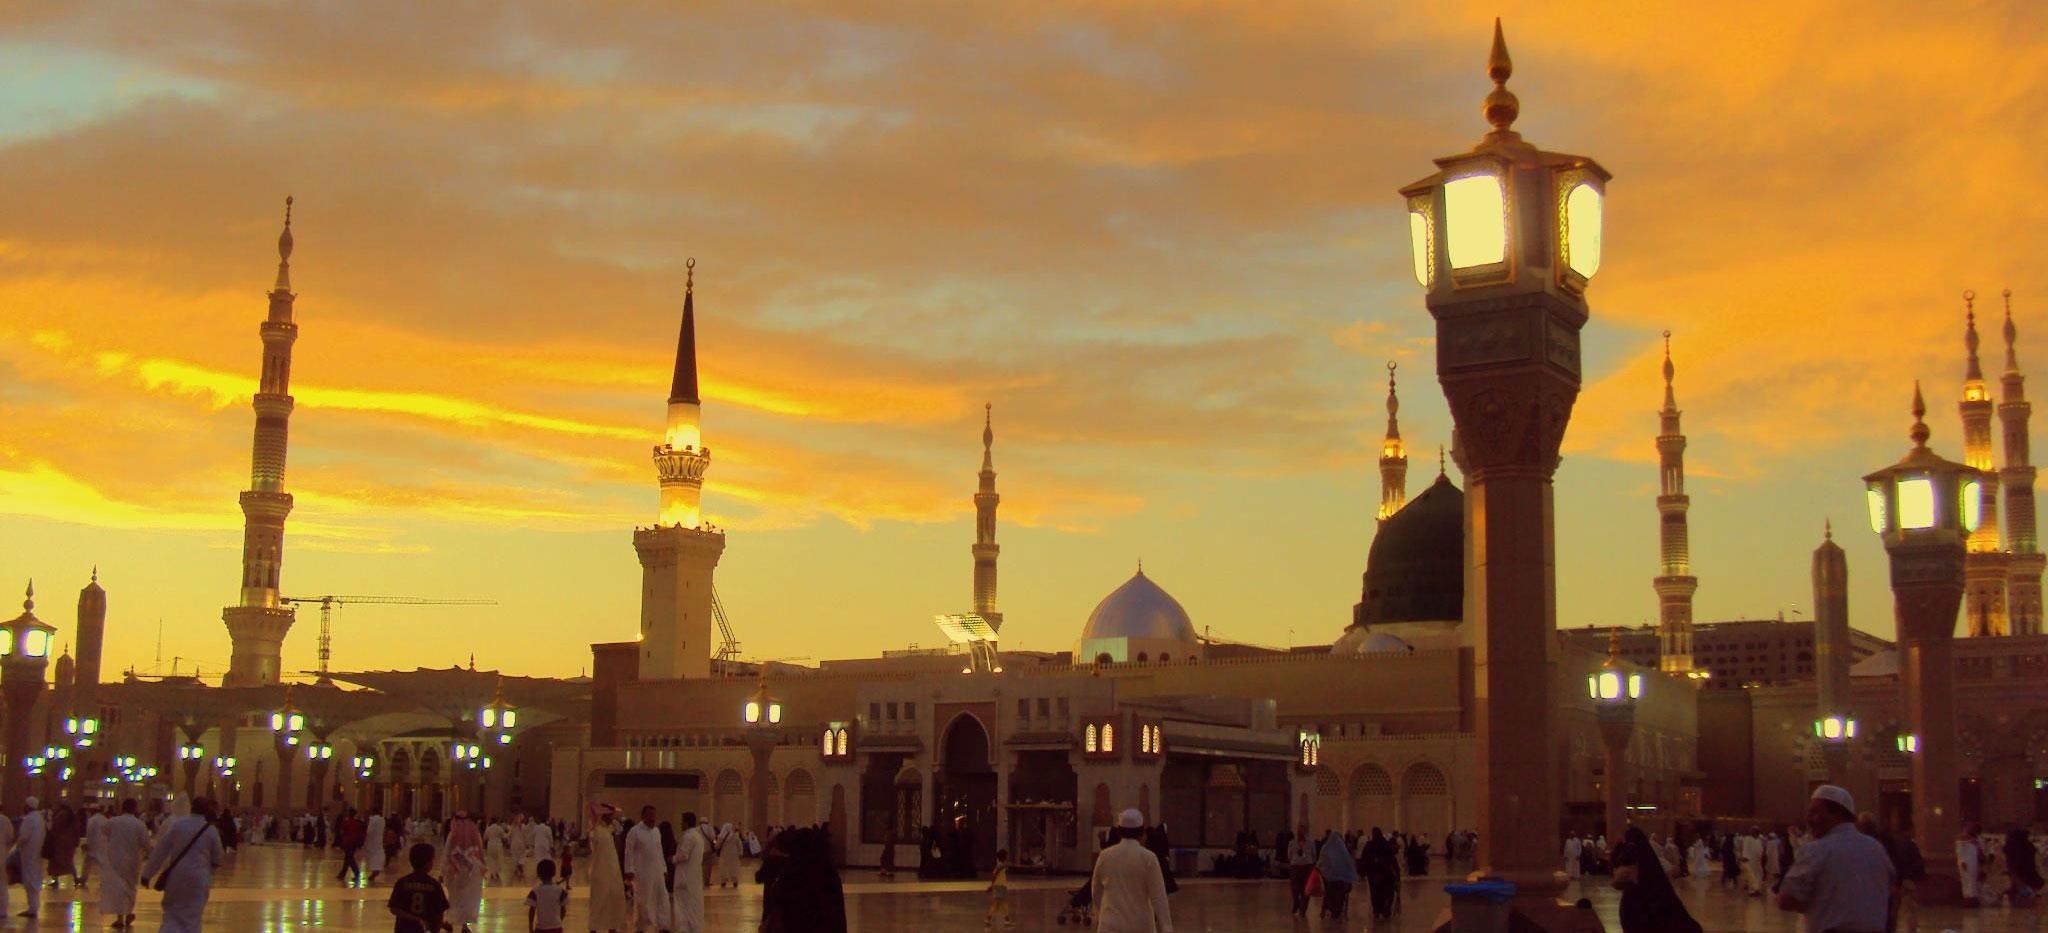 بهشت در انتظار روزه داران مخلص